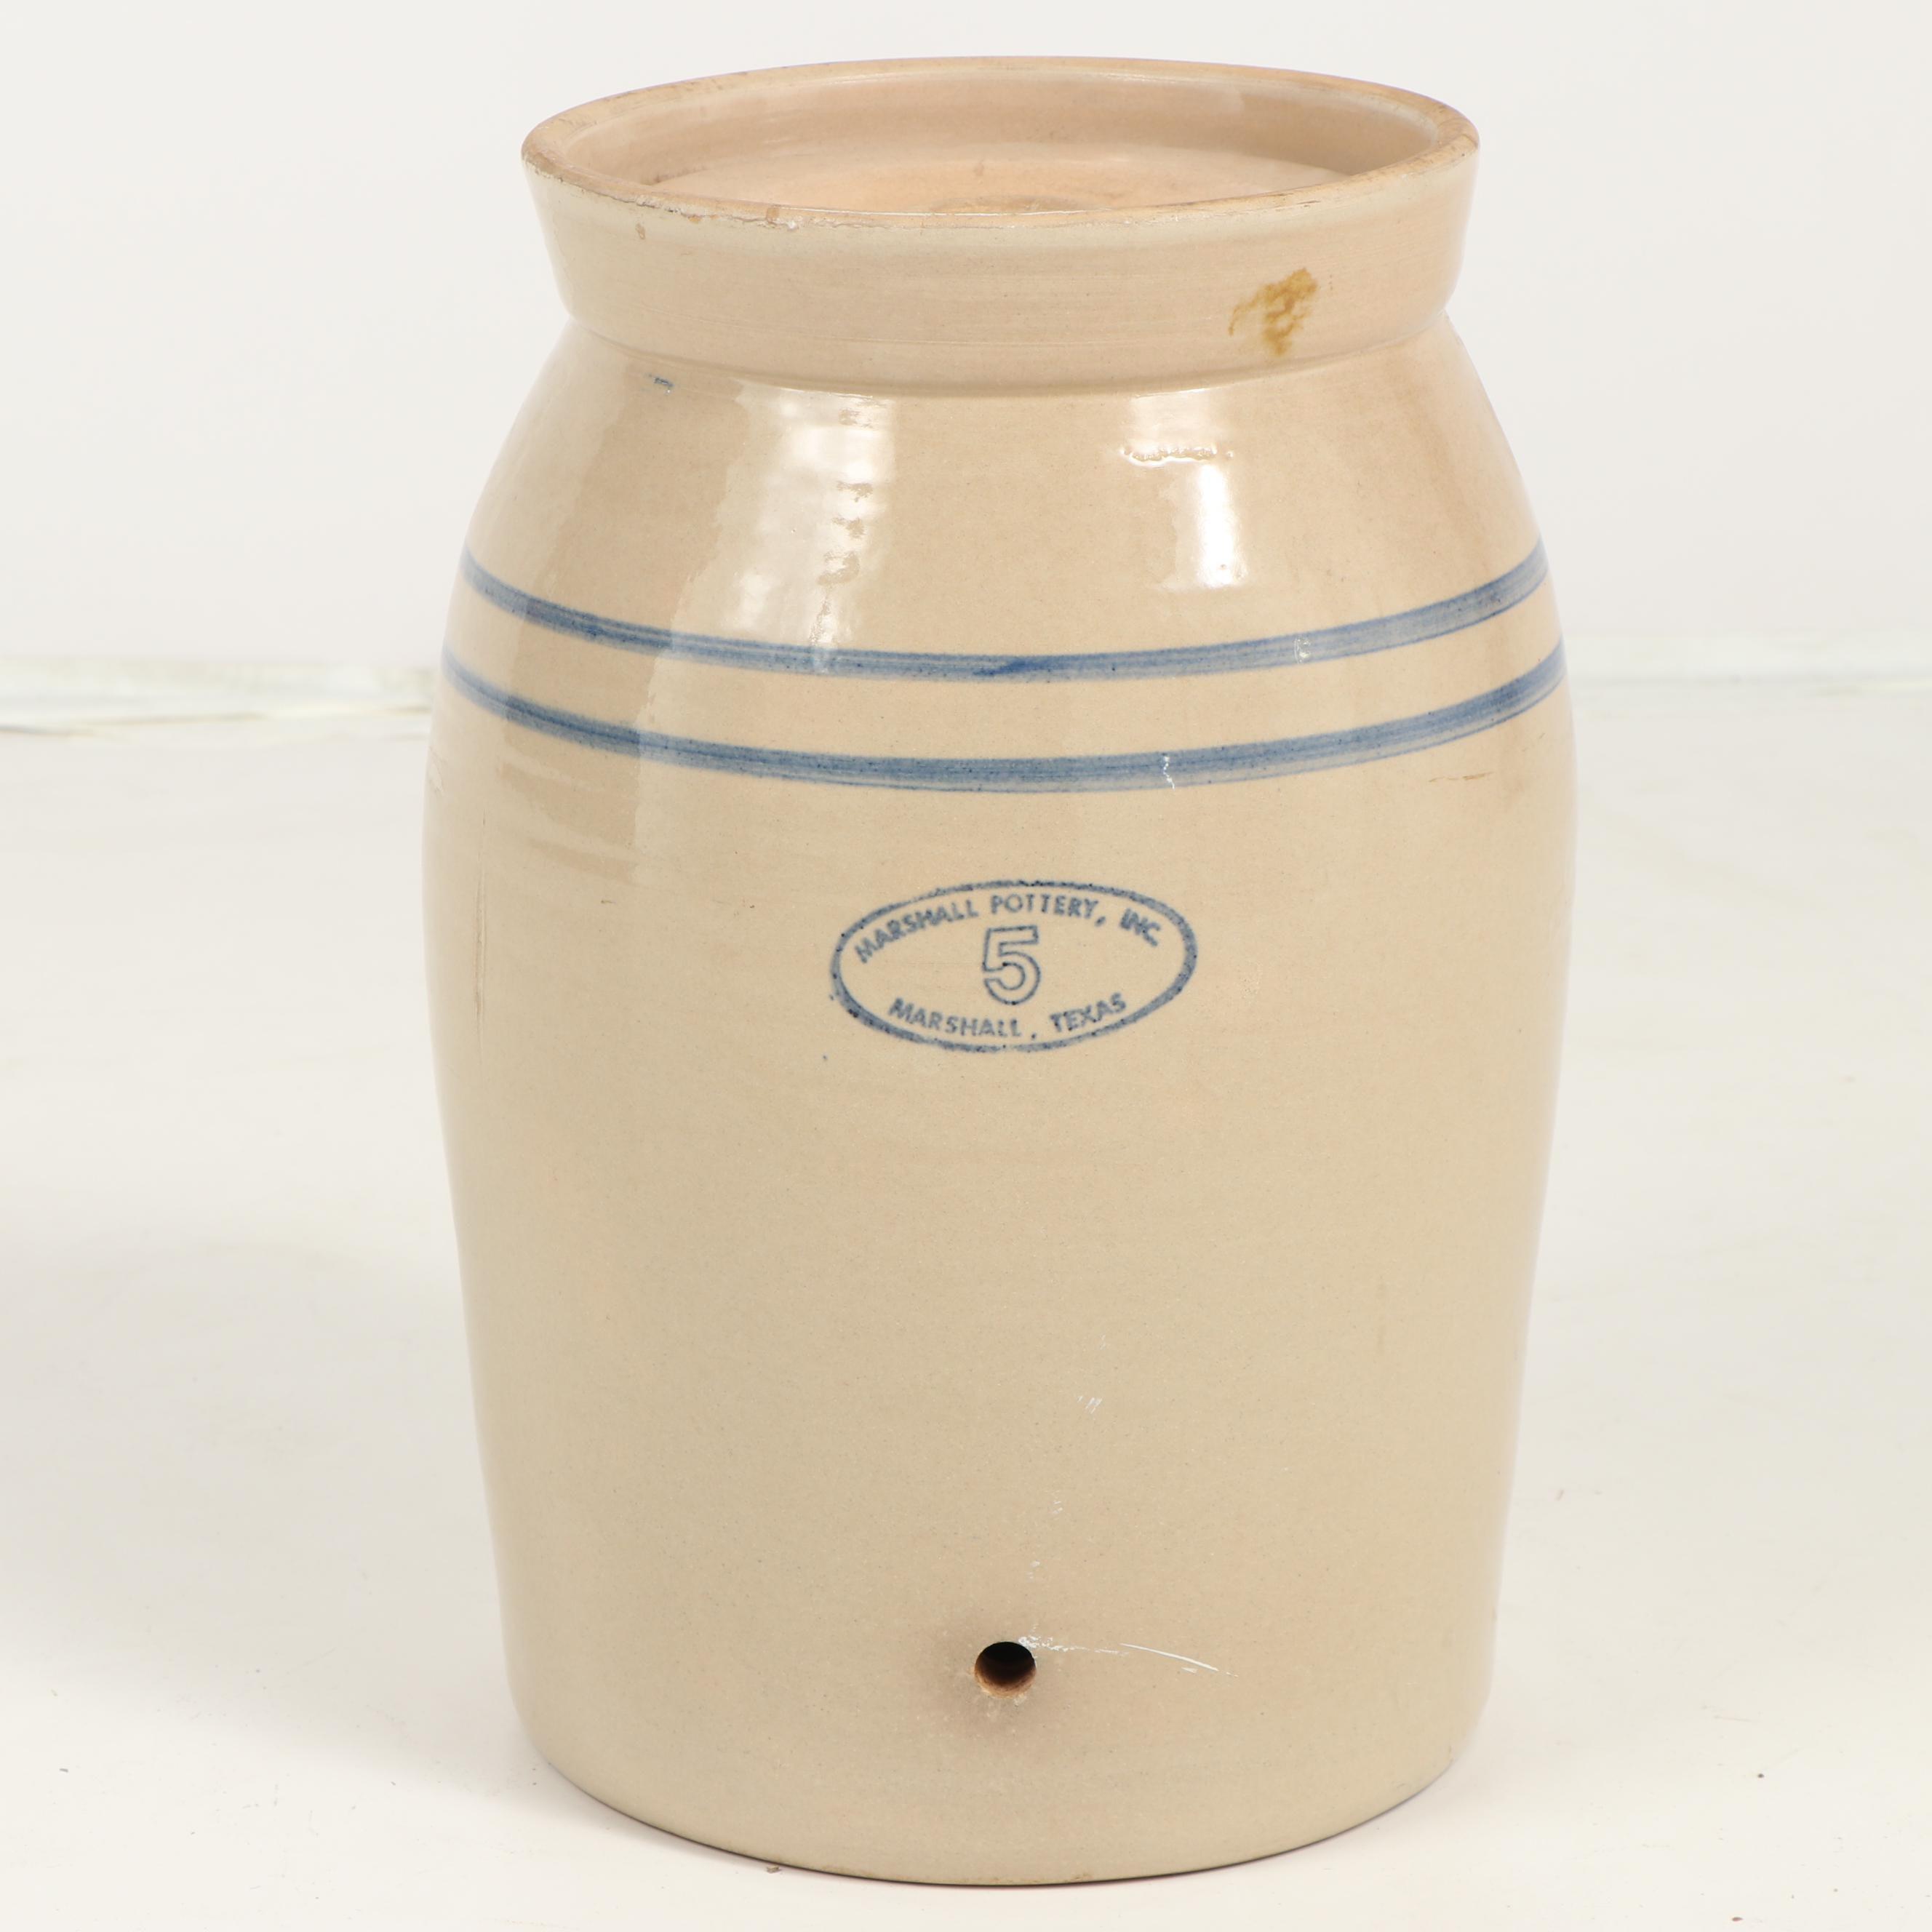 Vintage Marshall Pottery Beverage Dispenser Crock